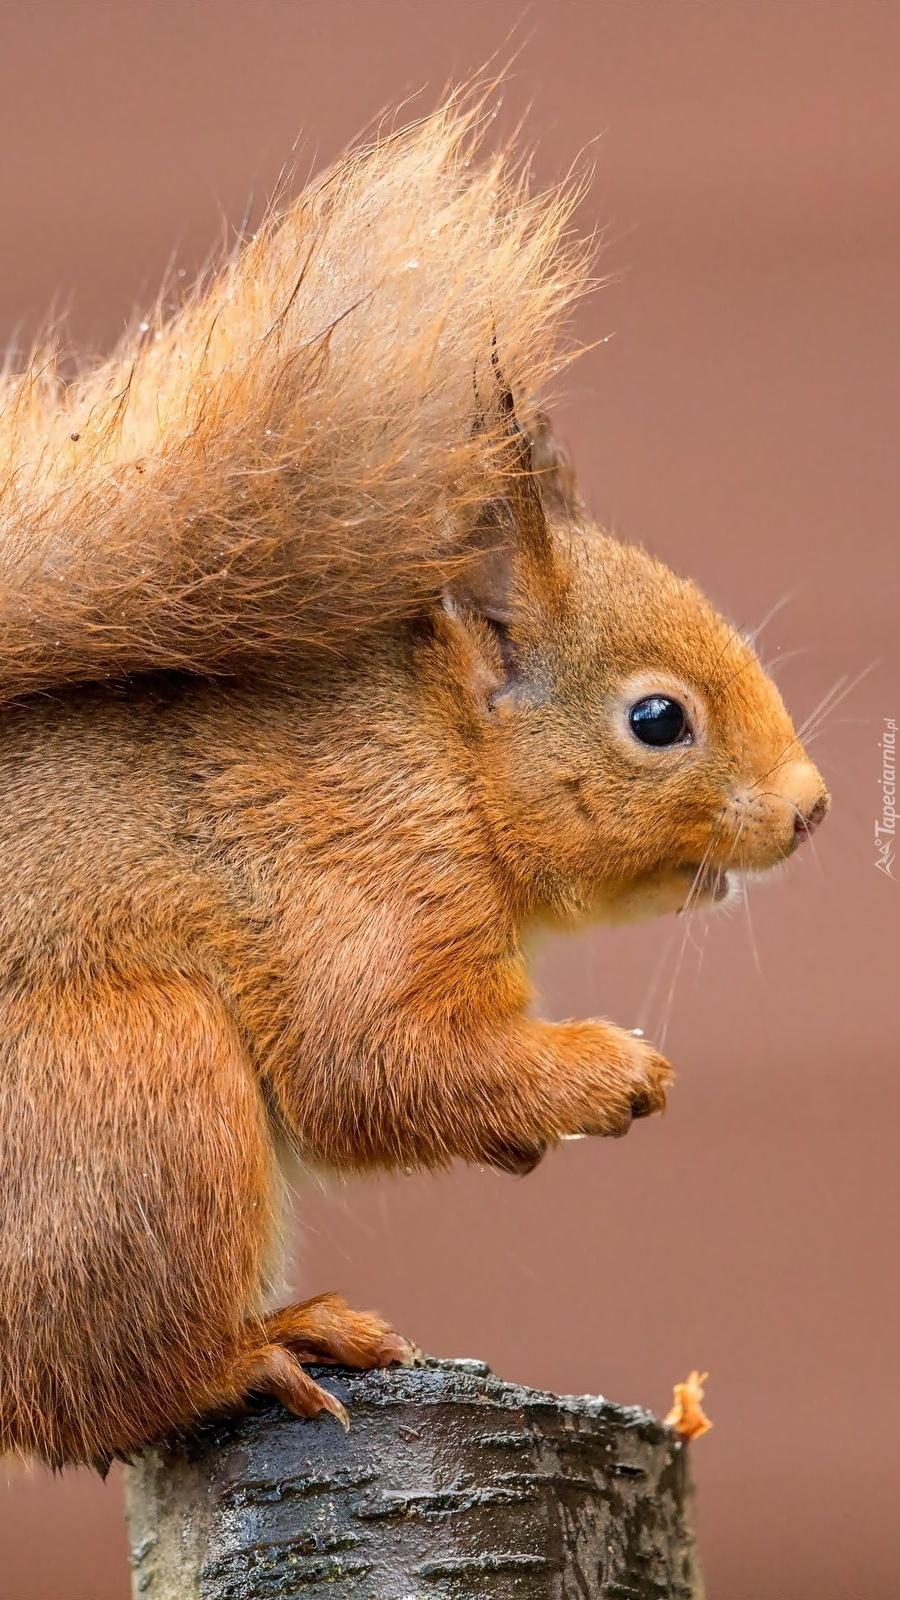 Wiewiórka na pniu